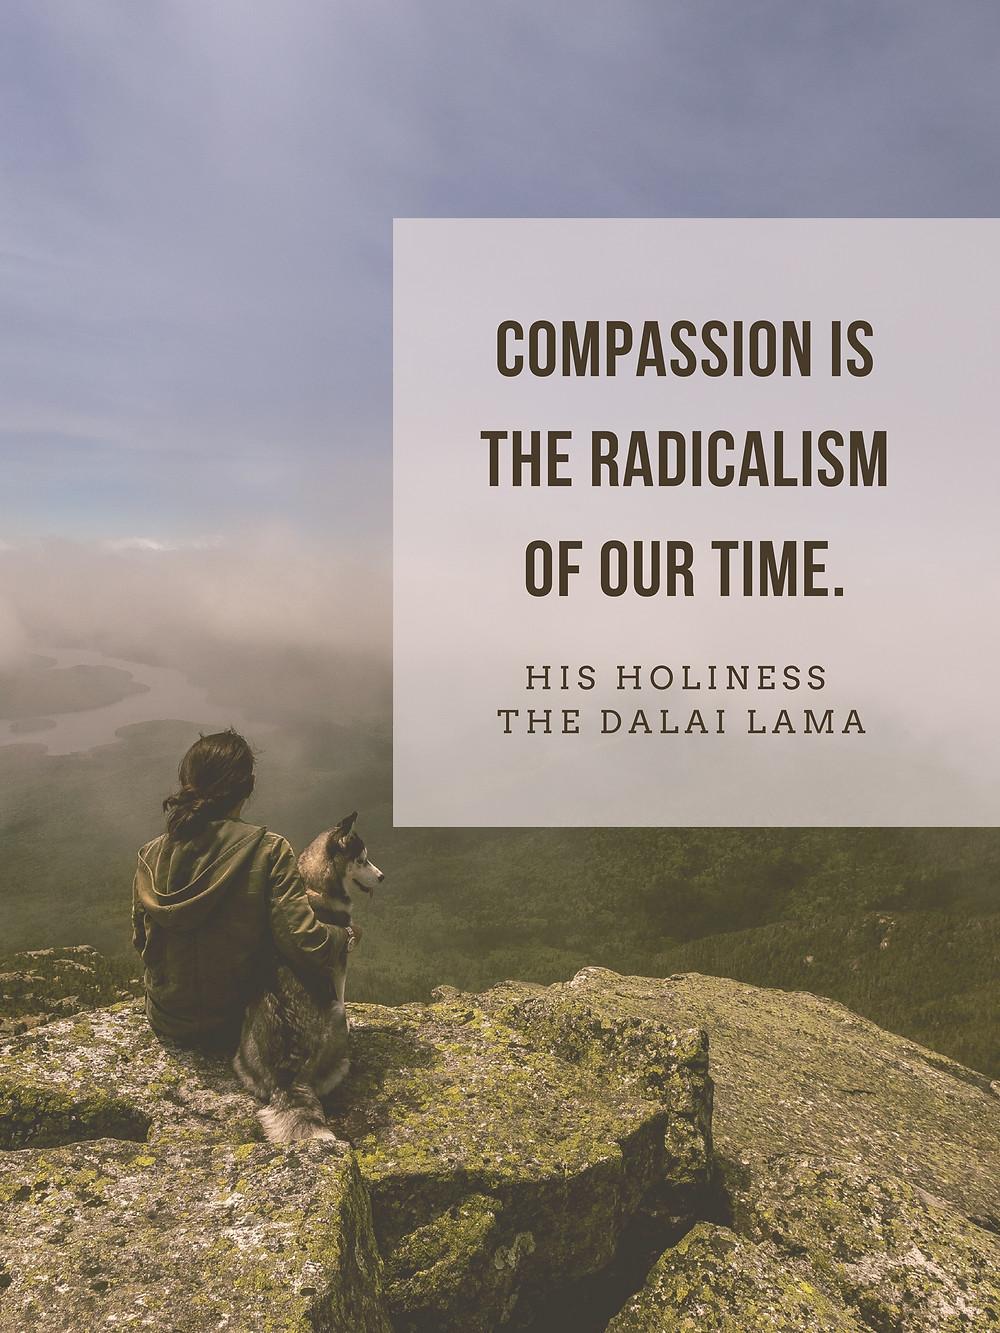 Compassion Dalai Lama quote